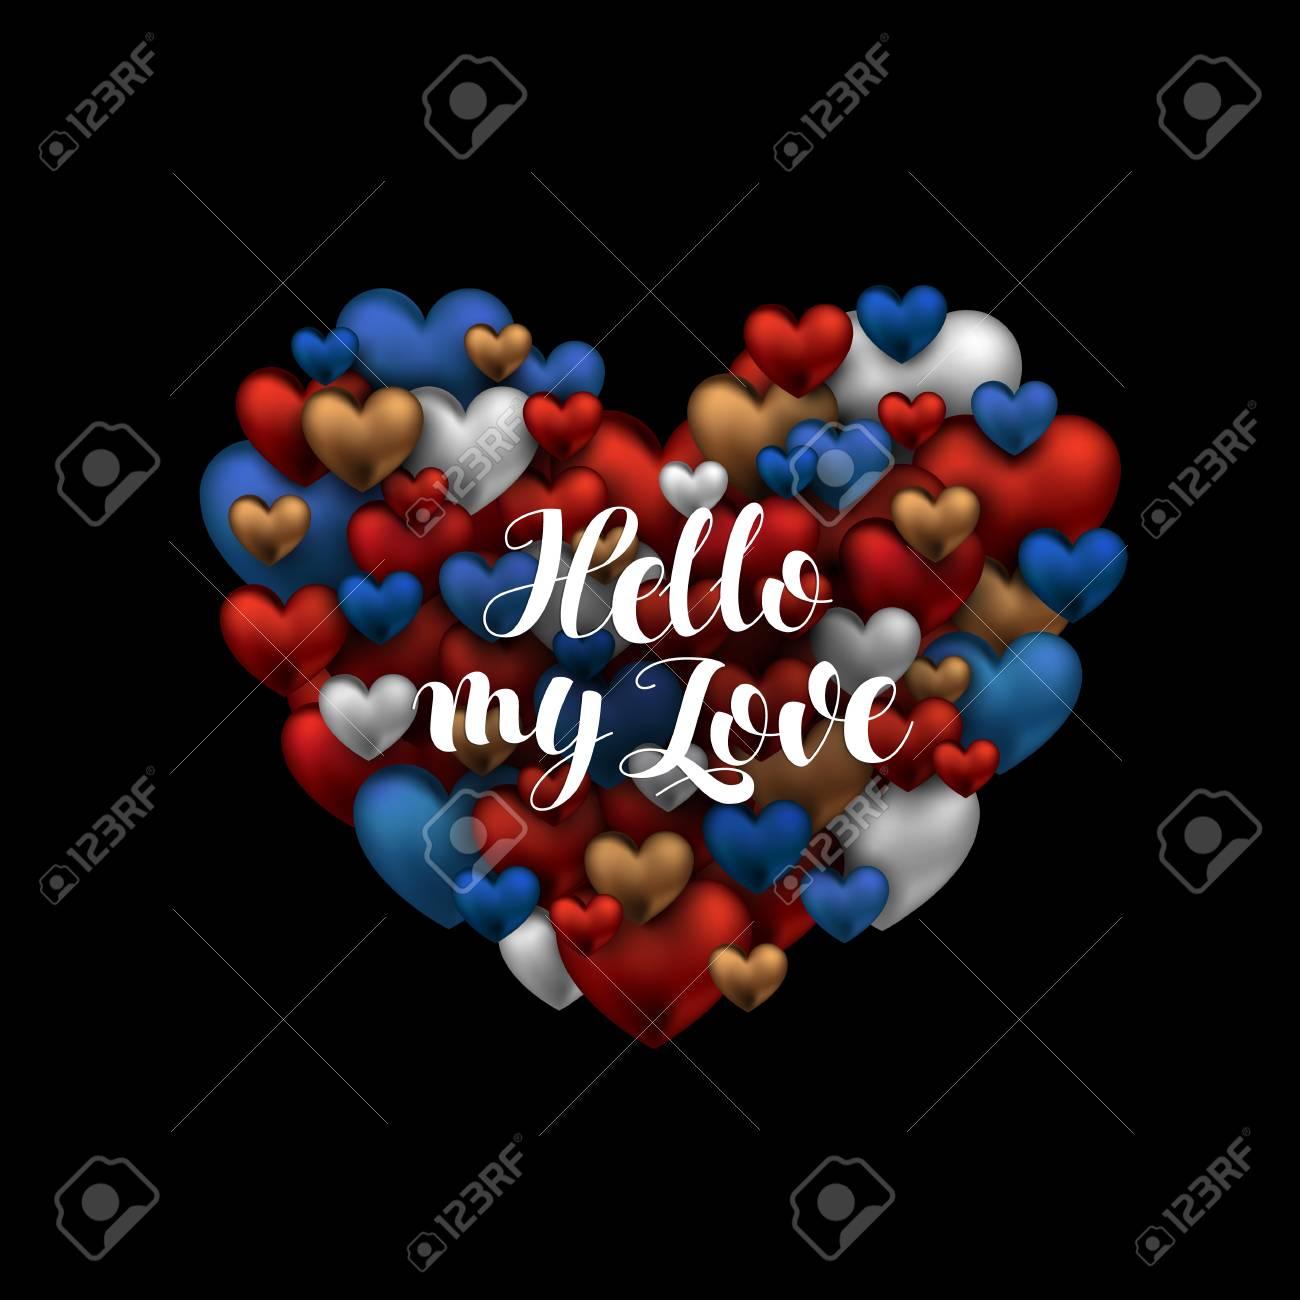 Olá Meu Amor Frase Para Cartão Com Coração Frase Para O Dia Dos Namorados Caligrafia De Escova Moderna Elemento De Design De Decoração De Férias